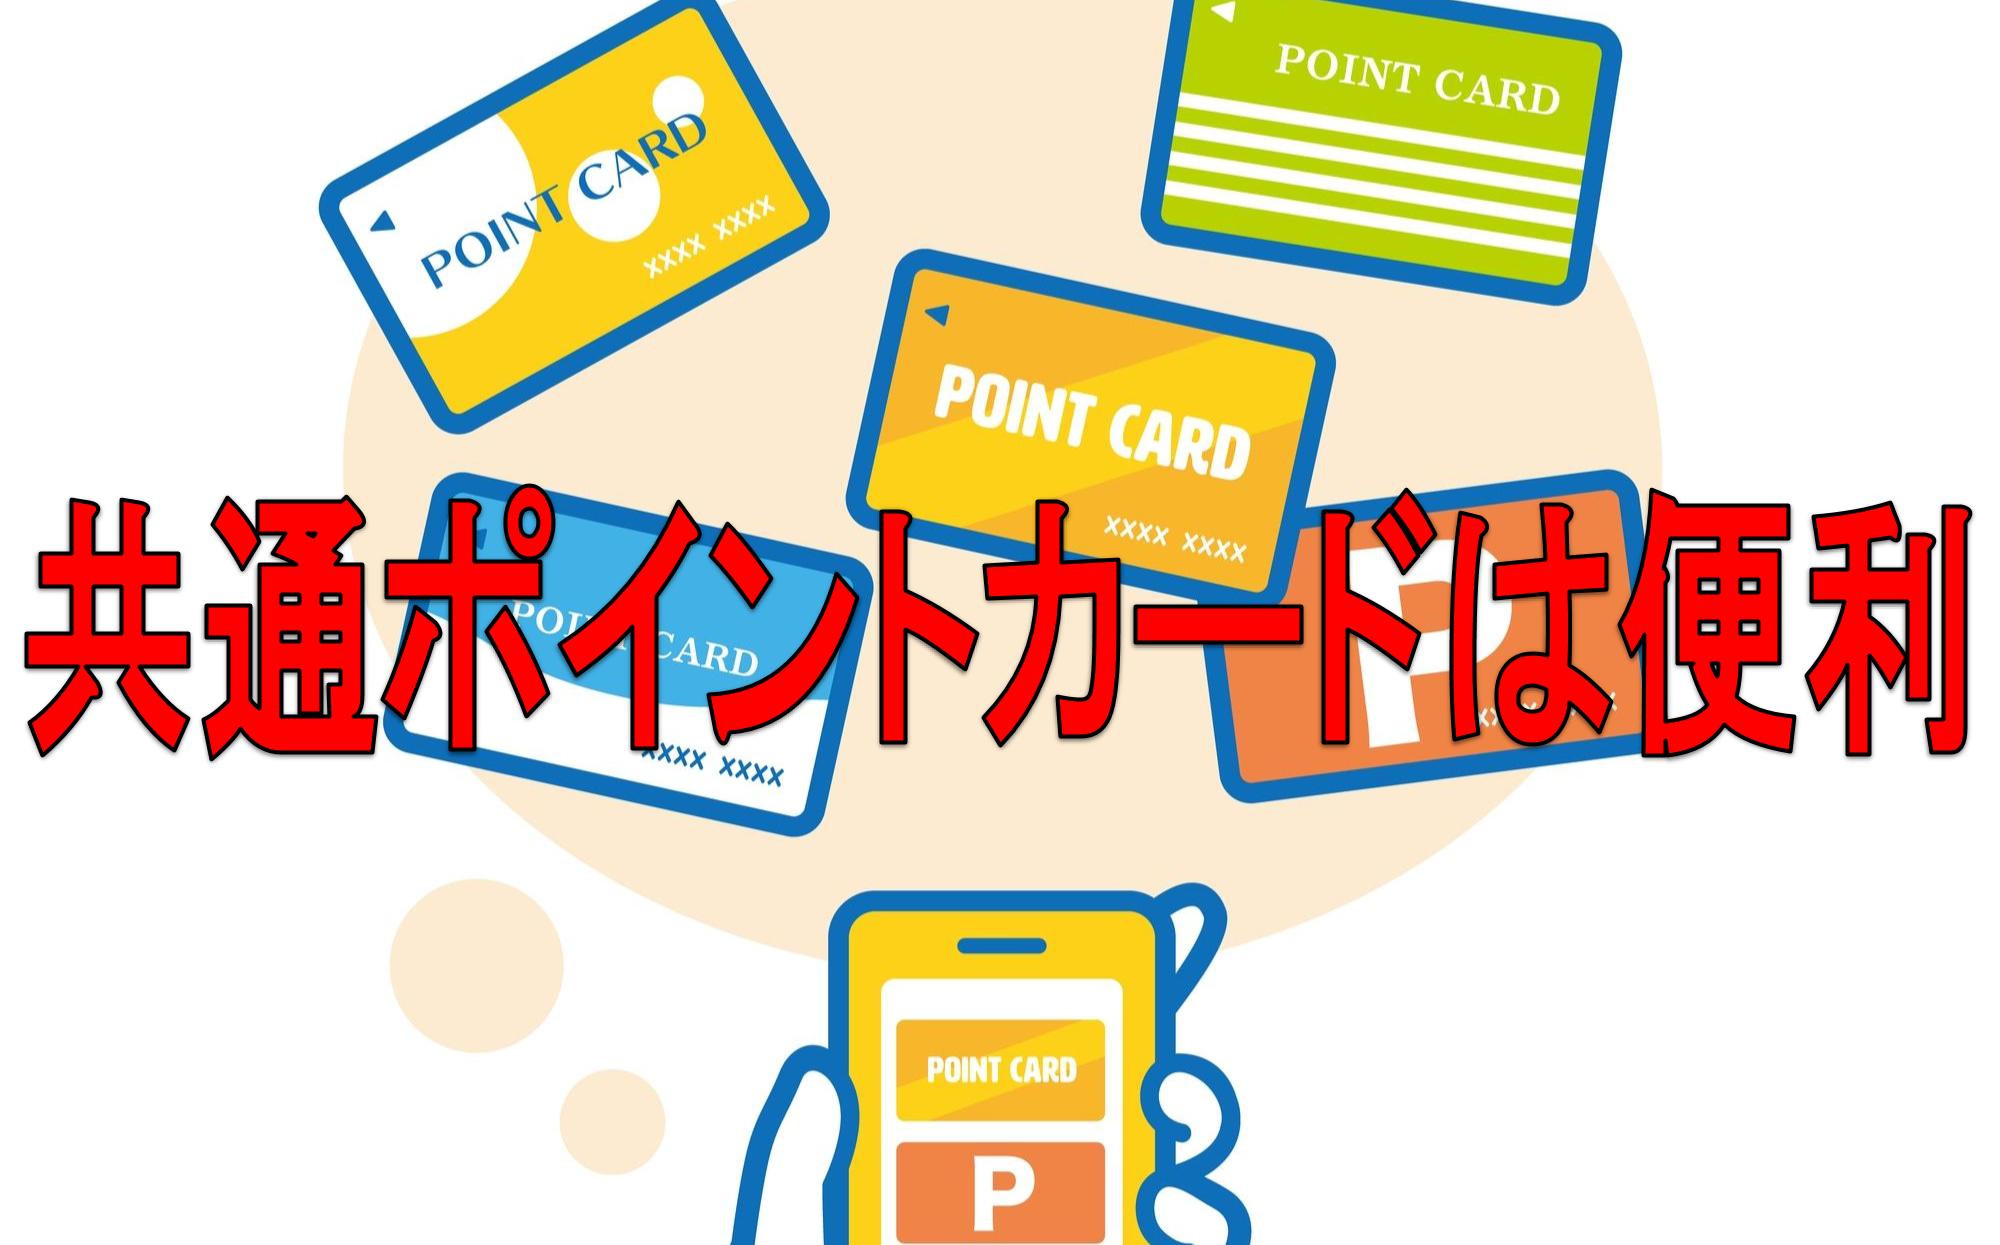 共通ポイントカードは便利